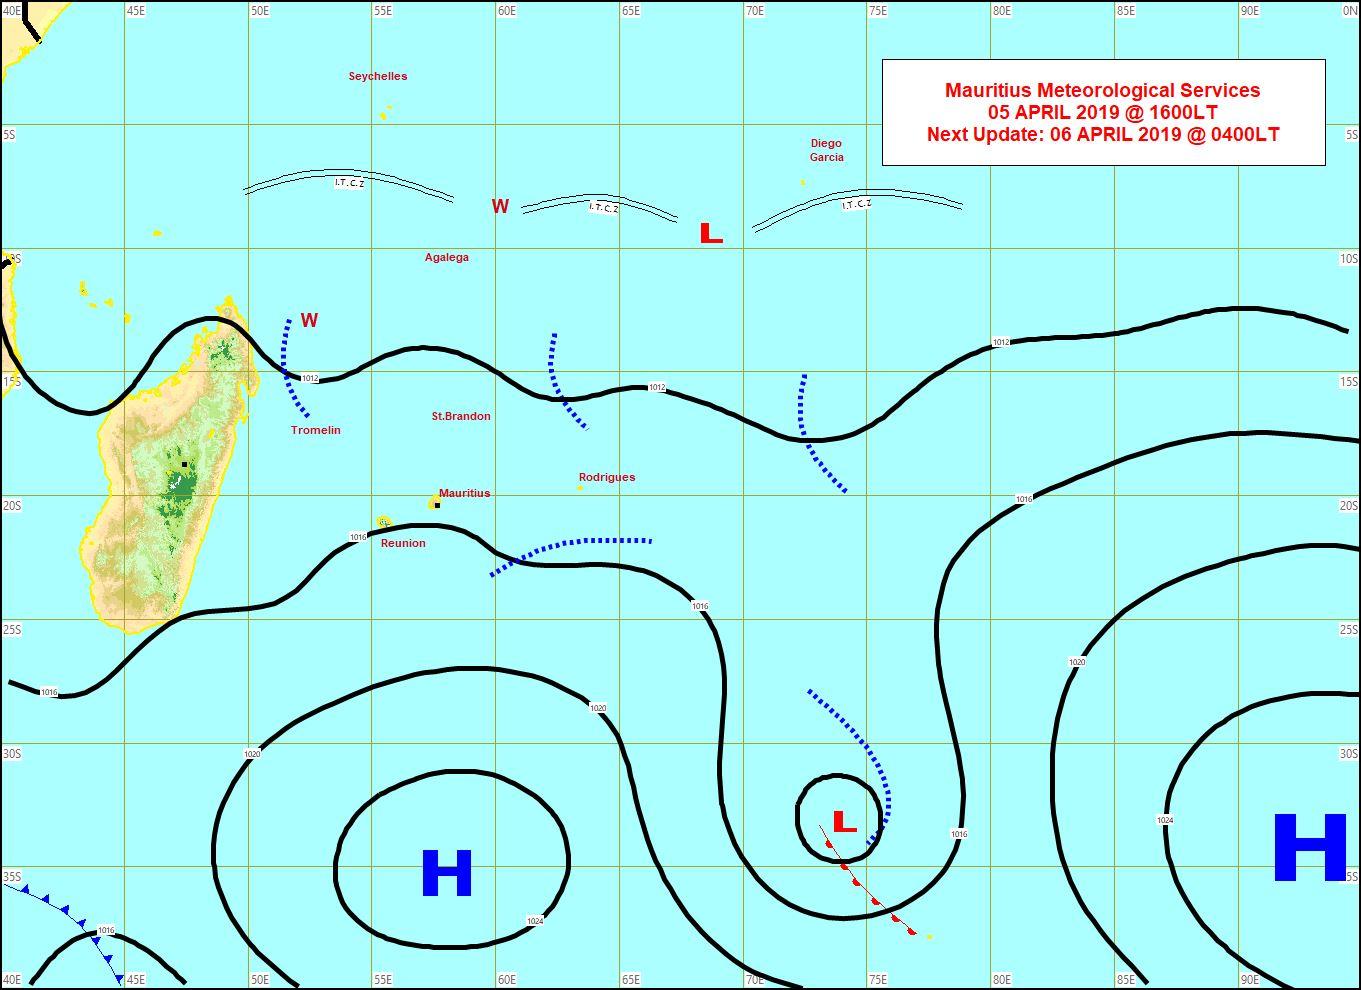 Le vent d'est sud-est  se renforce un peu sur les Iles Soeurs.